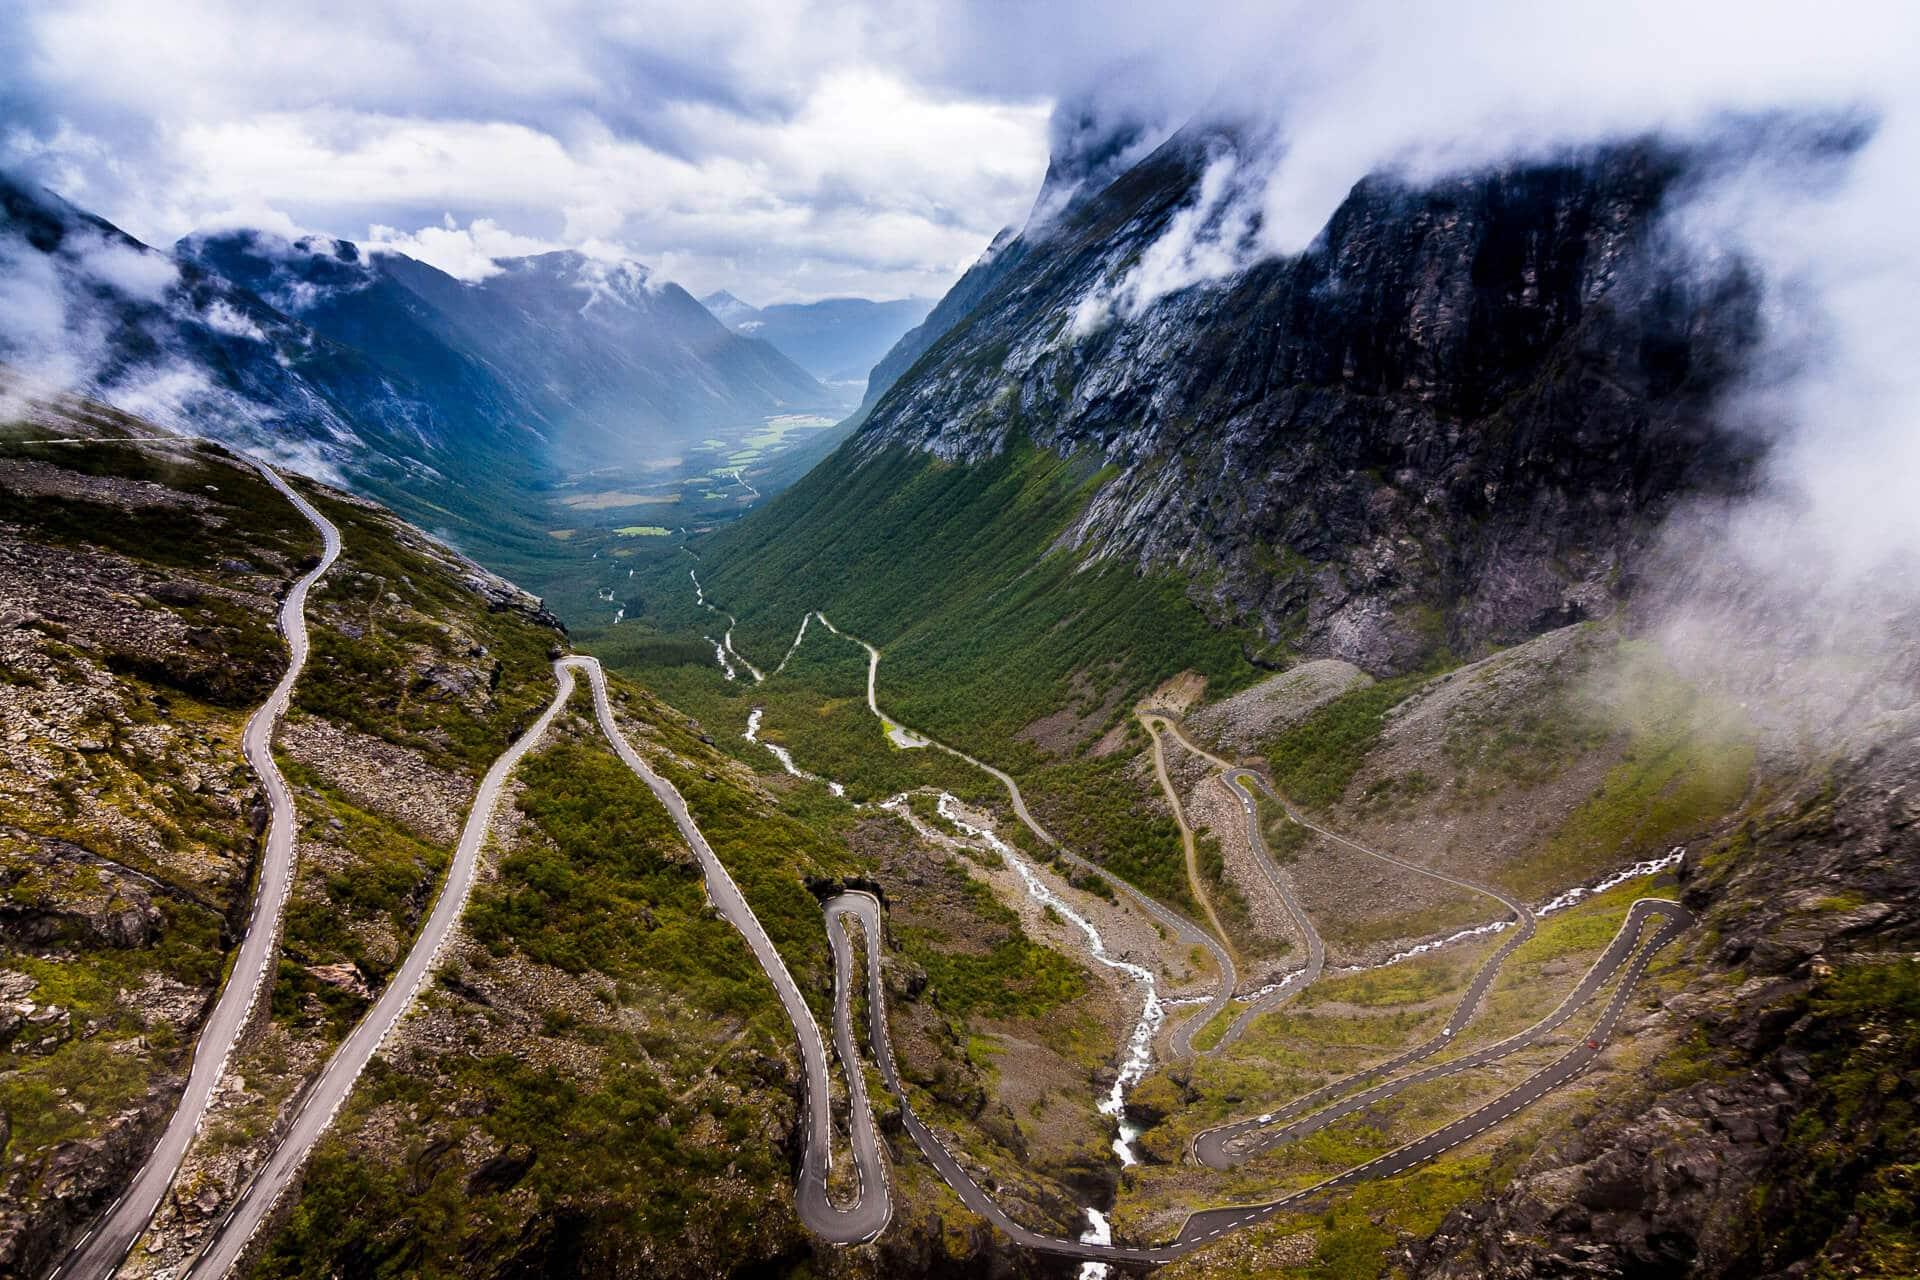 Der Trollstigen in Norwegen – hier hatten wir riesiges Glück mit der Unwetterfront, die die Szene toll einrahmt